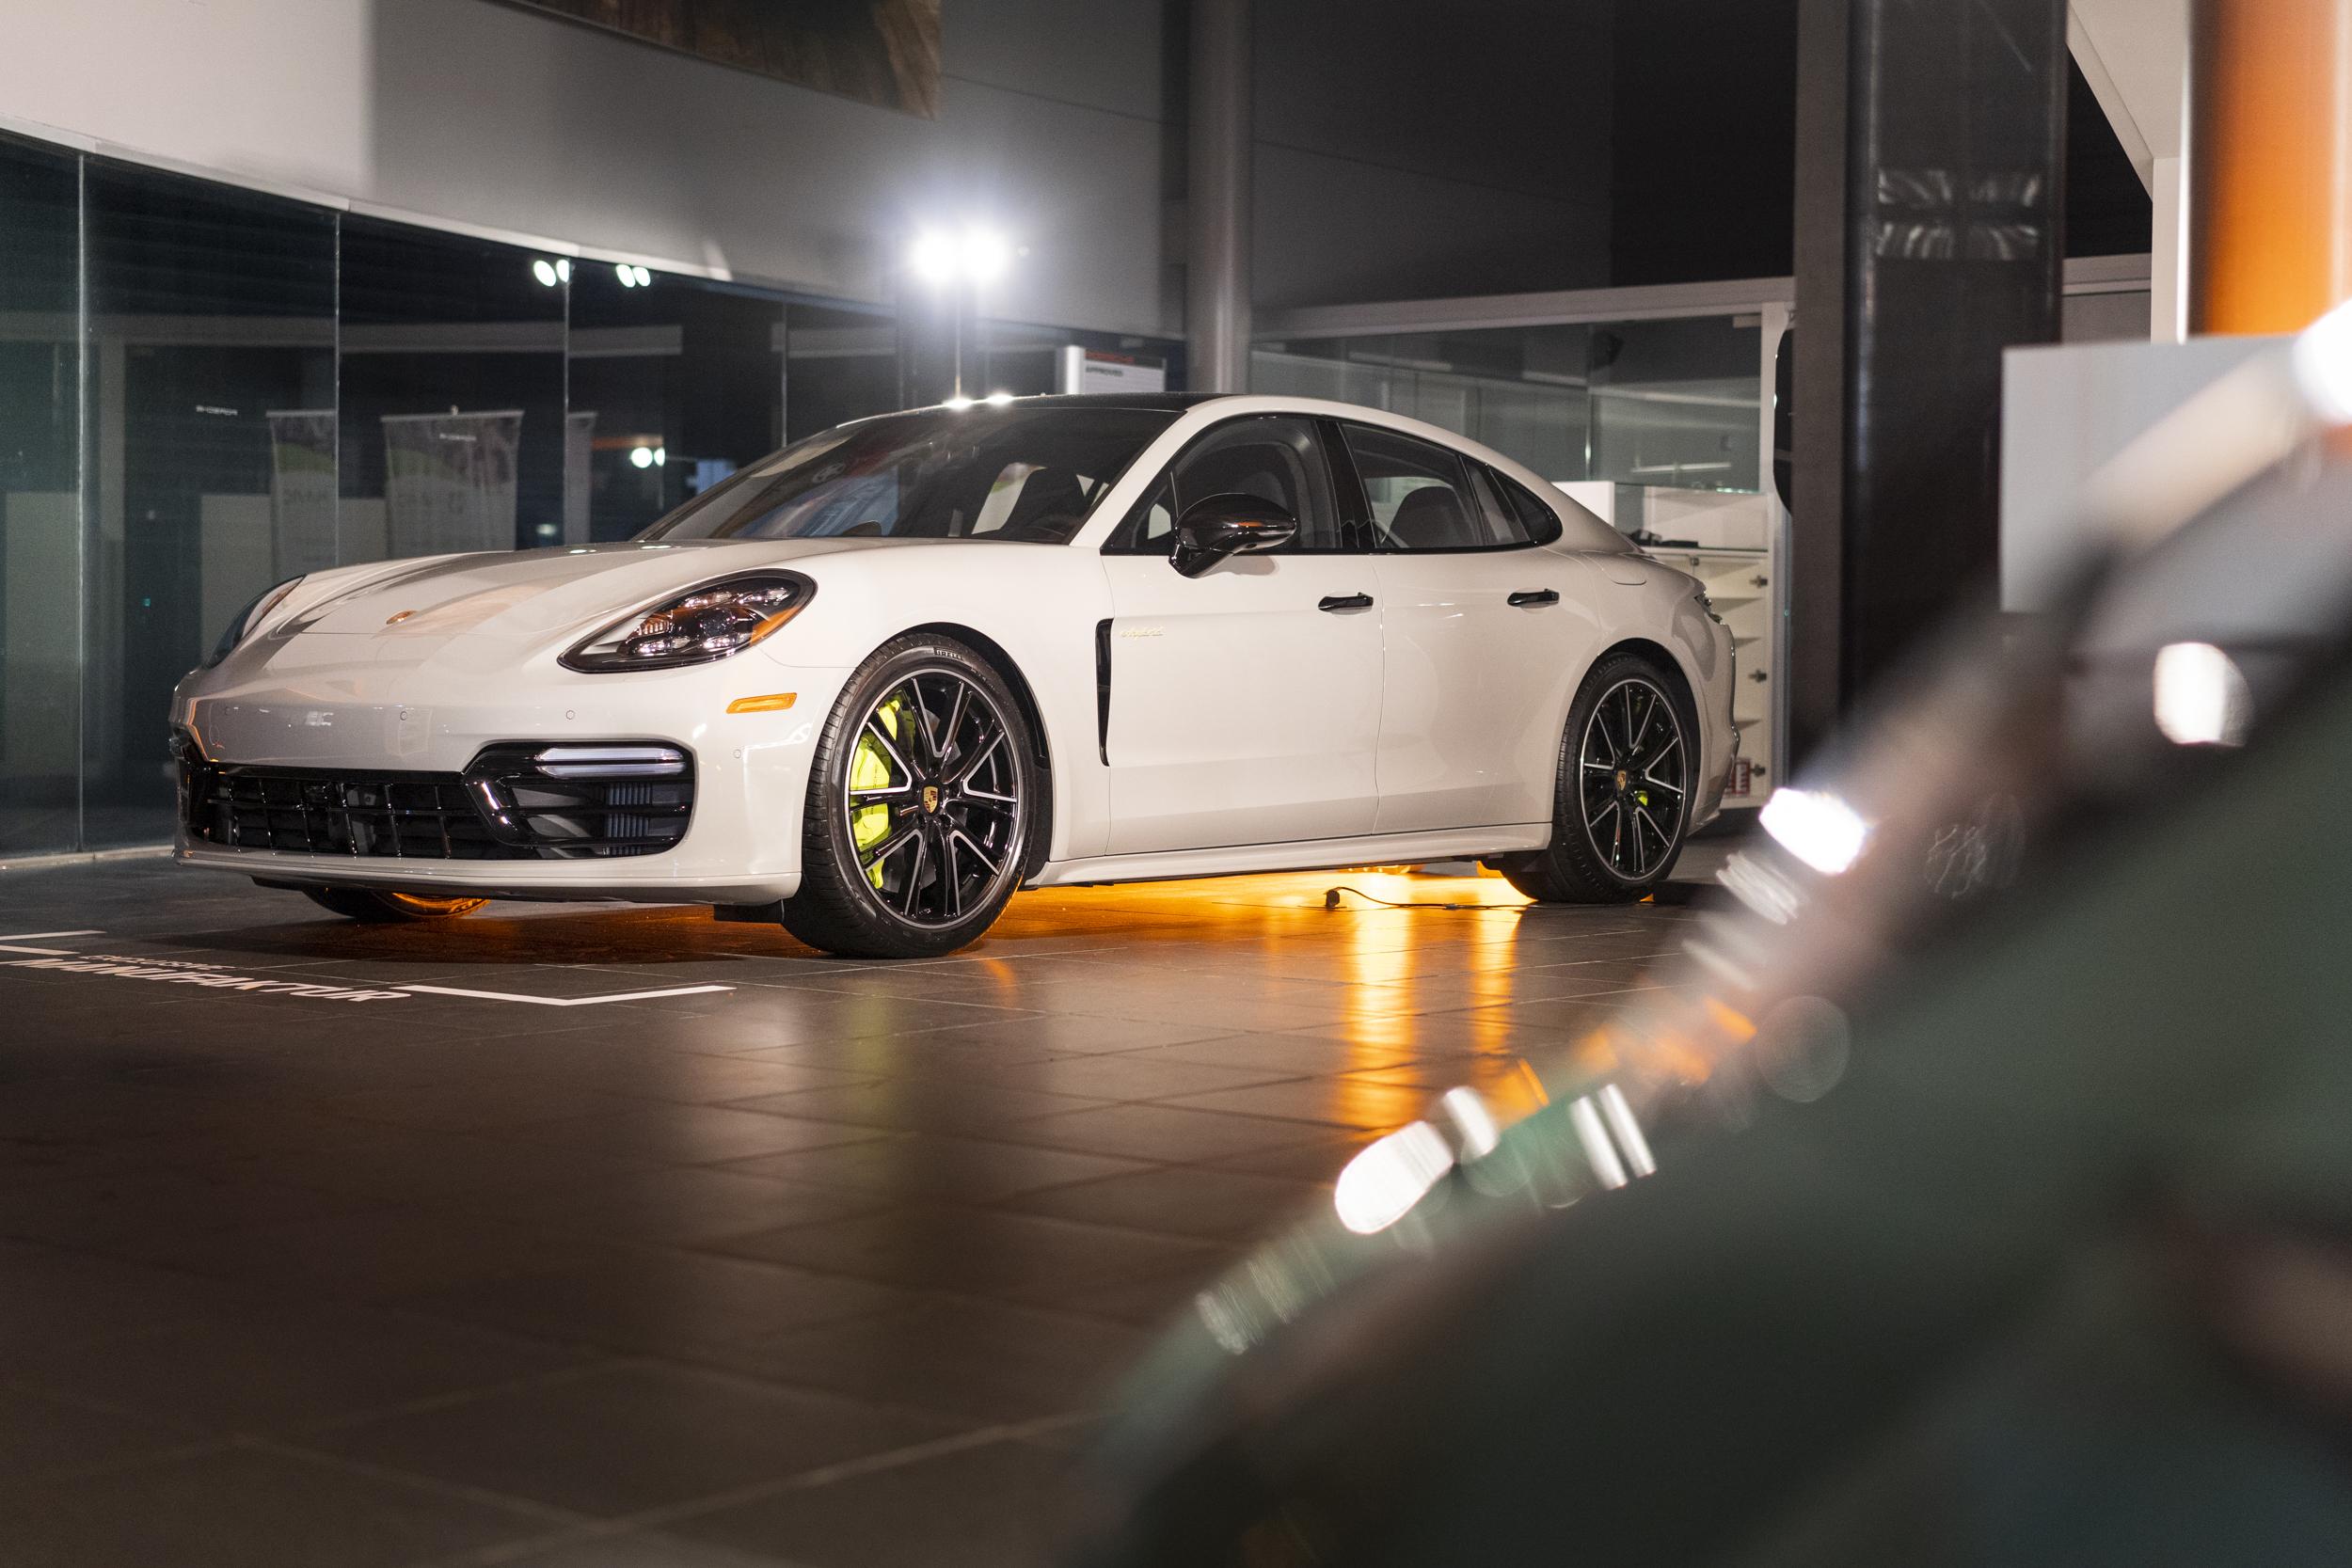 El programa Exclusive Manufaktur fue establecido en Alemania y cuenta hasta el momento con 92 concesionarios Porsche distribuidos entre 37 países.